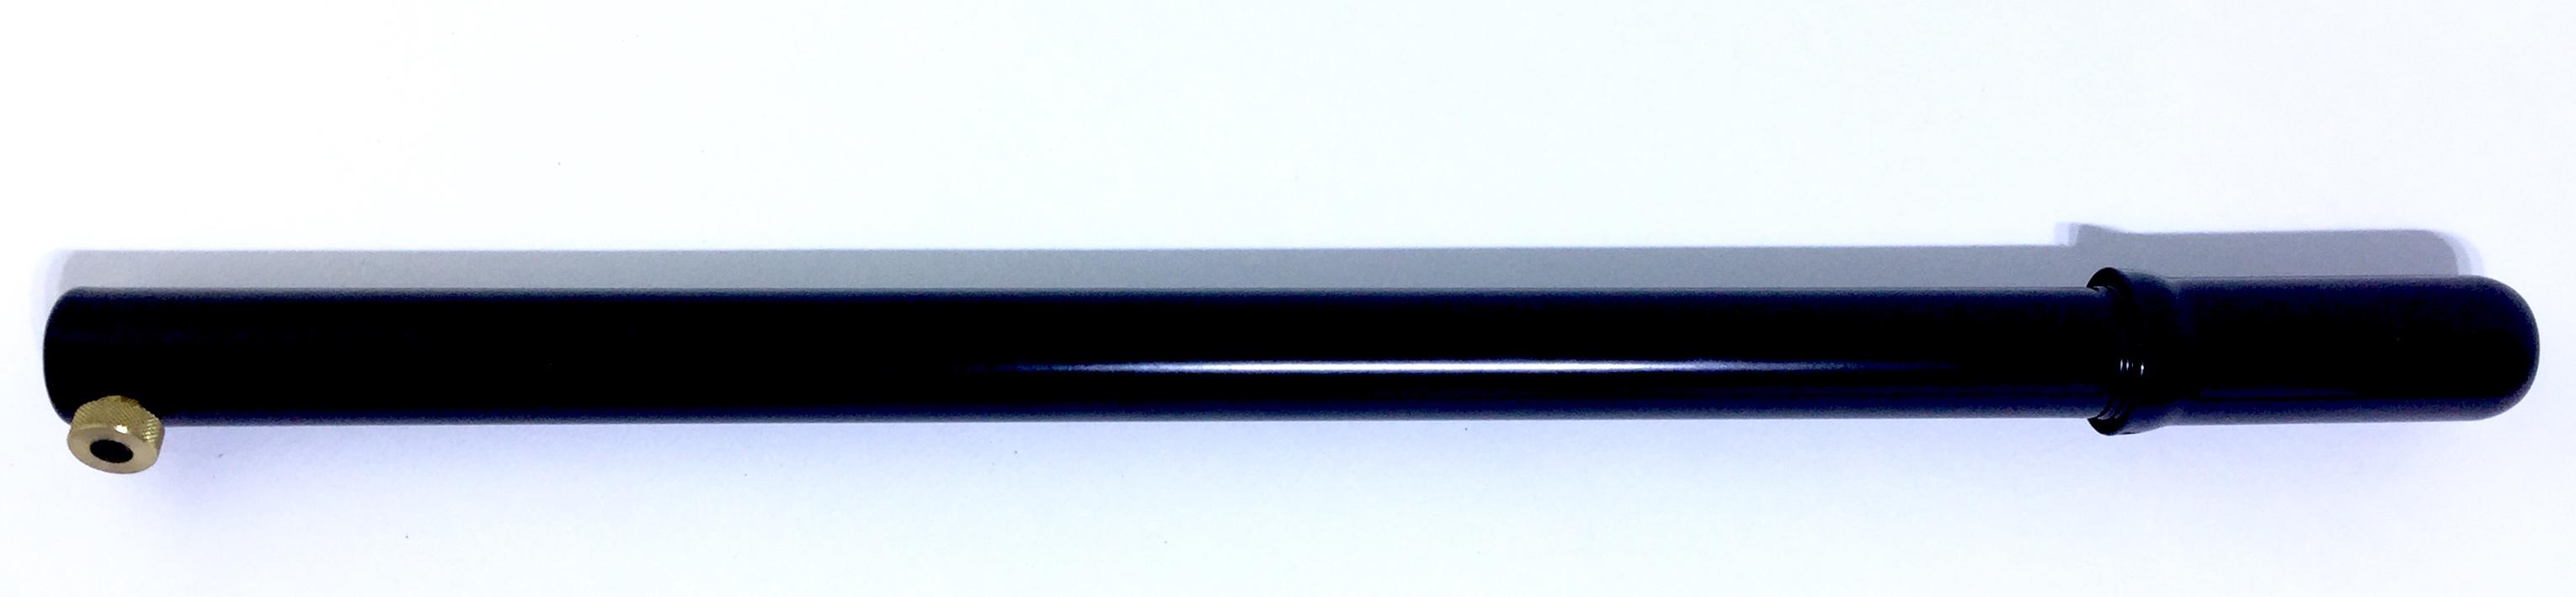 Schrägventil 40 cm Metall schwarz Luftpumpe